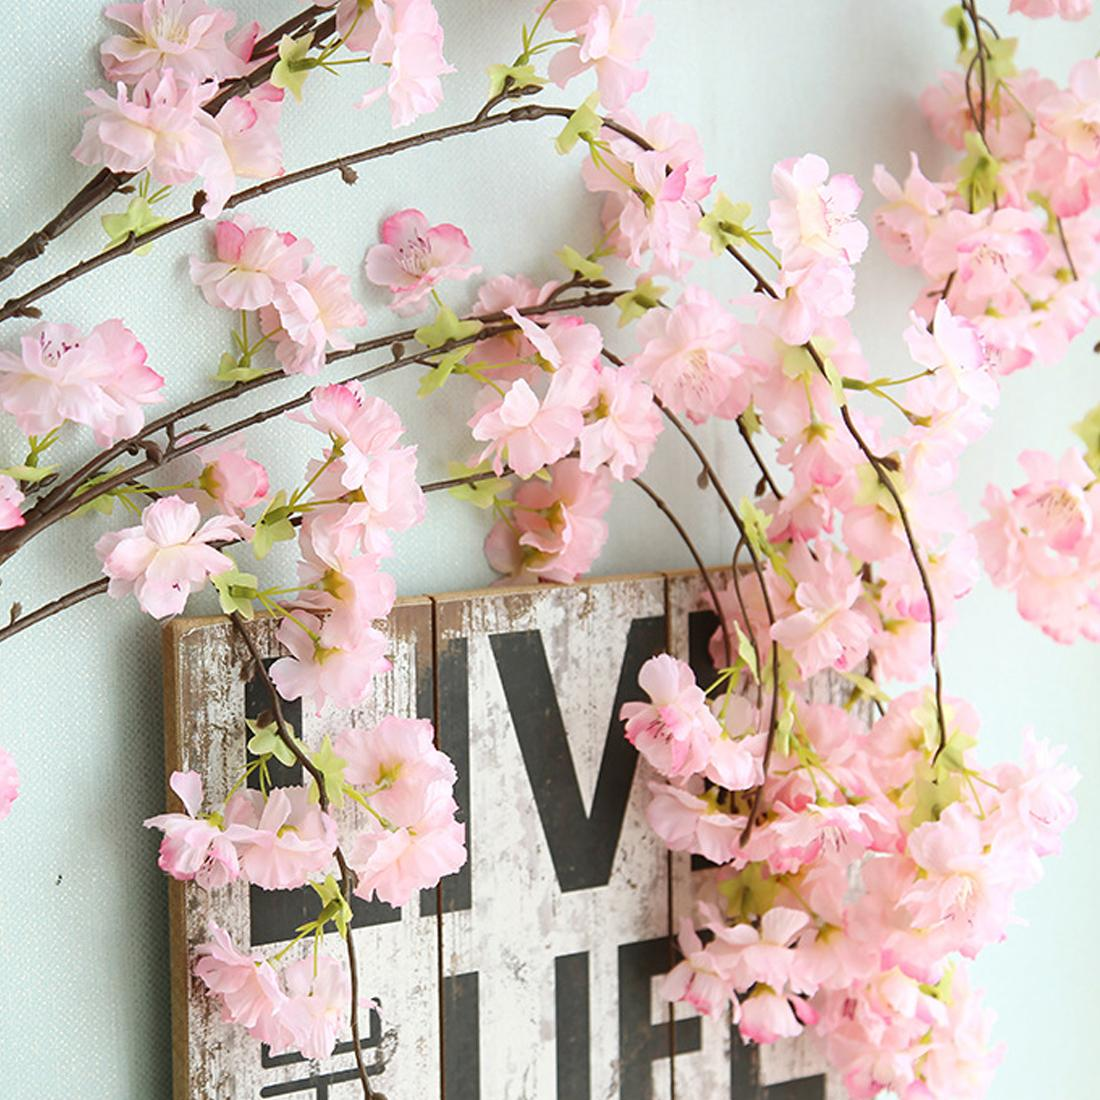 135cm 벚꽃 등나무 사쿠라 미술 웨딩 장식 덩굴 인공 꽃 파티 창 벽 화환 화환 매달려